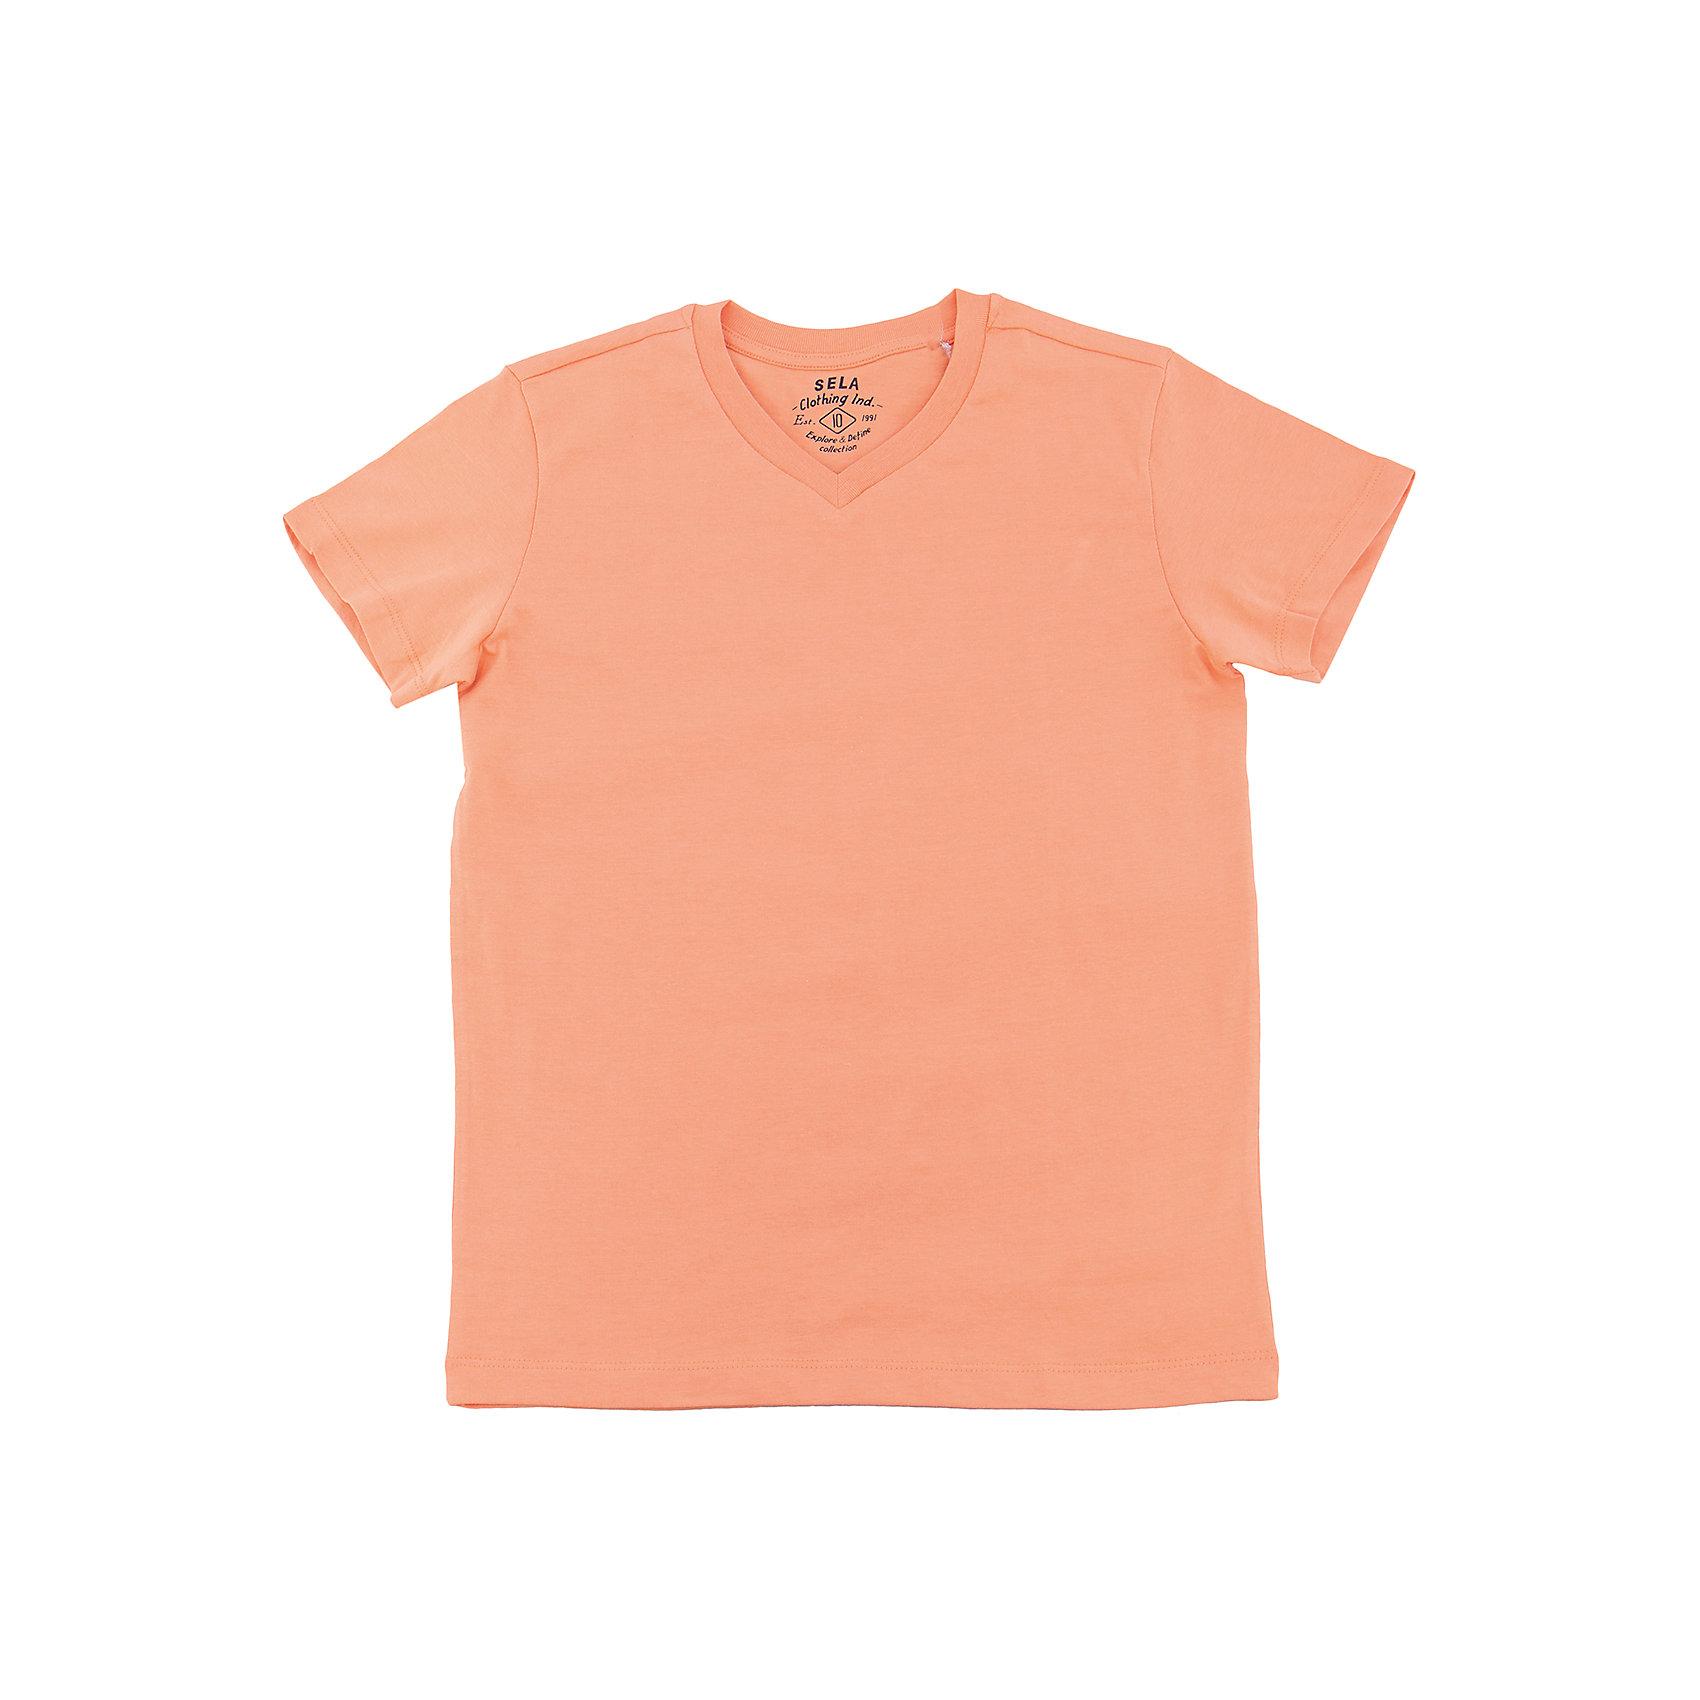 Футболка  для мальчика SELAХарактеристики товара:<br><br>• цвет: оранжевый<br>• состав: 100% хлопок<br>• однотонная<br>• короткие рукава<br>• V-образный горловой вырез<br>• коллекция весна-лето 2017<br>• страна бренда: Российская Федерация<br><br>В новой коллекции SELA отличные модели одежды! Эта футболка для мальчика поможет разнообразить гардероб ребенка и обеспечить комфорт. Она отлично сочетается с джинсами и брюками. Удобная базовая вещь!<br><br>Одежда, обувь и аксессуары от российского бренда SELA не зря пользуются большой популярностью у детей и взрослых! Модели этой марки - стильные и удобные, цена при этом неизменно остается доступной. Для их производства используются только безопасные, качественные материалы и фурнитура. Новая коллекция поддерживает хорошие традиции бренда! <br><br>Футболку для мальчика от популярного бренда SELA (СЕЛА) можно купить в нашем интернет-магазине.<br><br>Ширина мм: 230<br>Глубина мм: 40<br>Высота мм: 220<br>Вес г: 250<br>Цвет: оранжевый<br>Возраст от месяцев: 96<br>Возраст до месяцев: 108<br>Пол: Мужской<br>Возраст: Детский<br>Размер: 134,140,146,152,116,122,128<br>SKU: 5304343